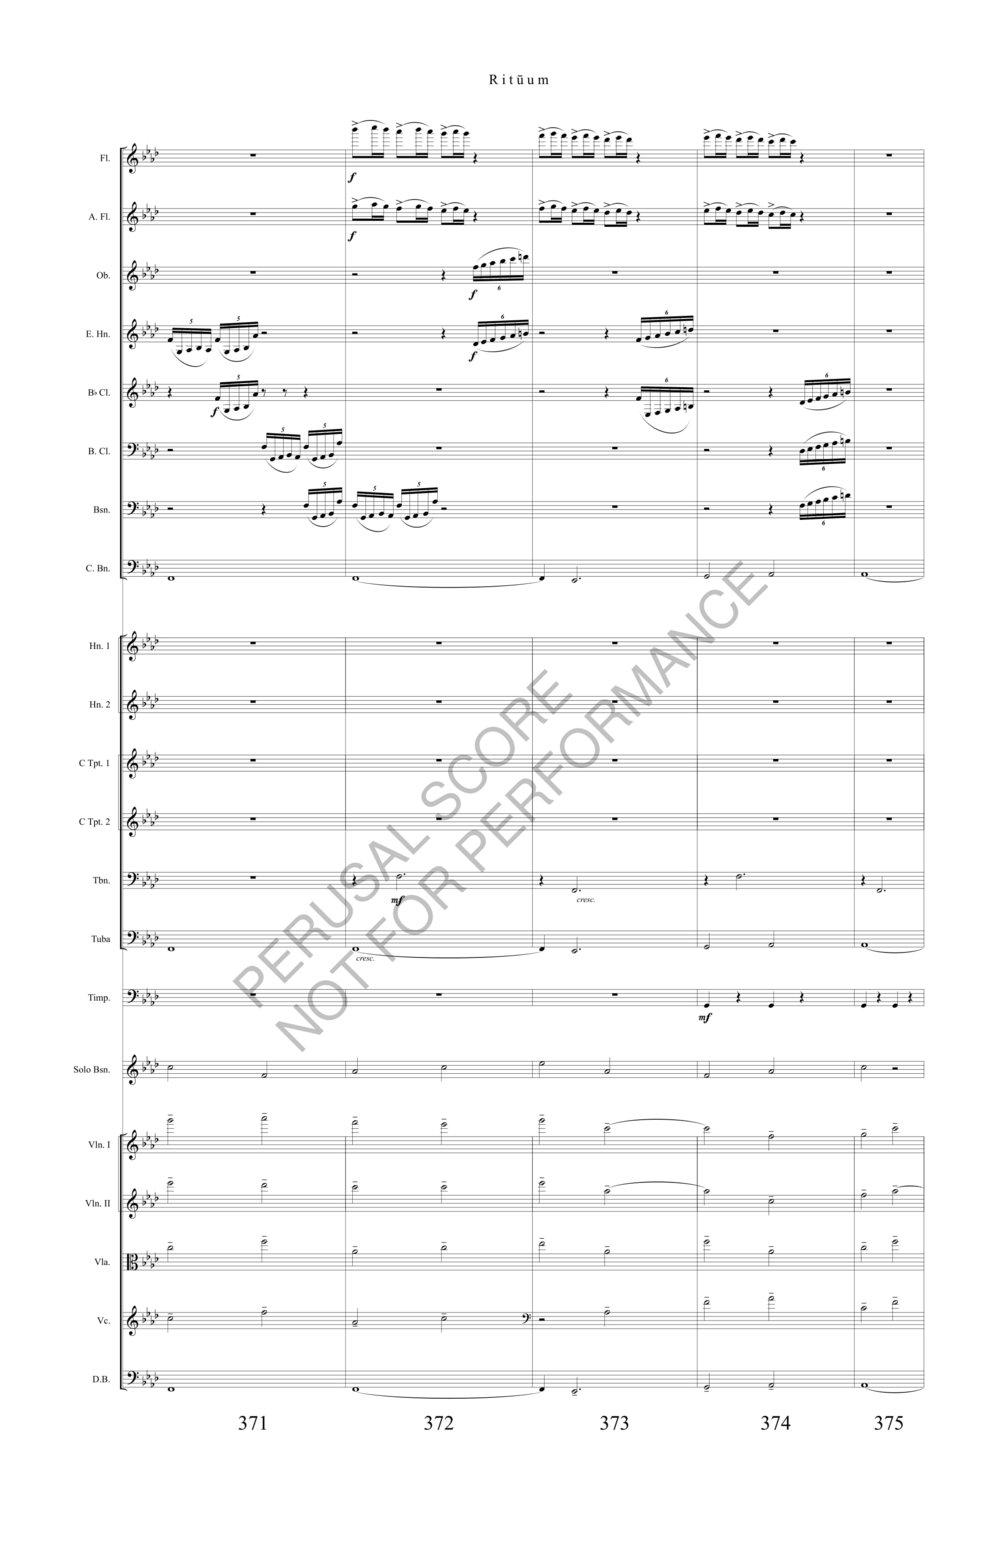 Boyd Rituum Score-watermark (1)-83.jpg